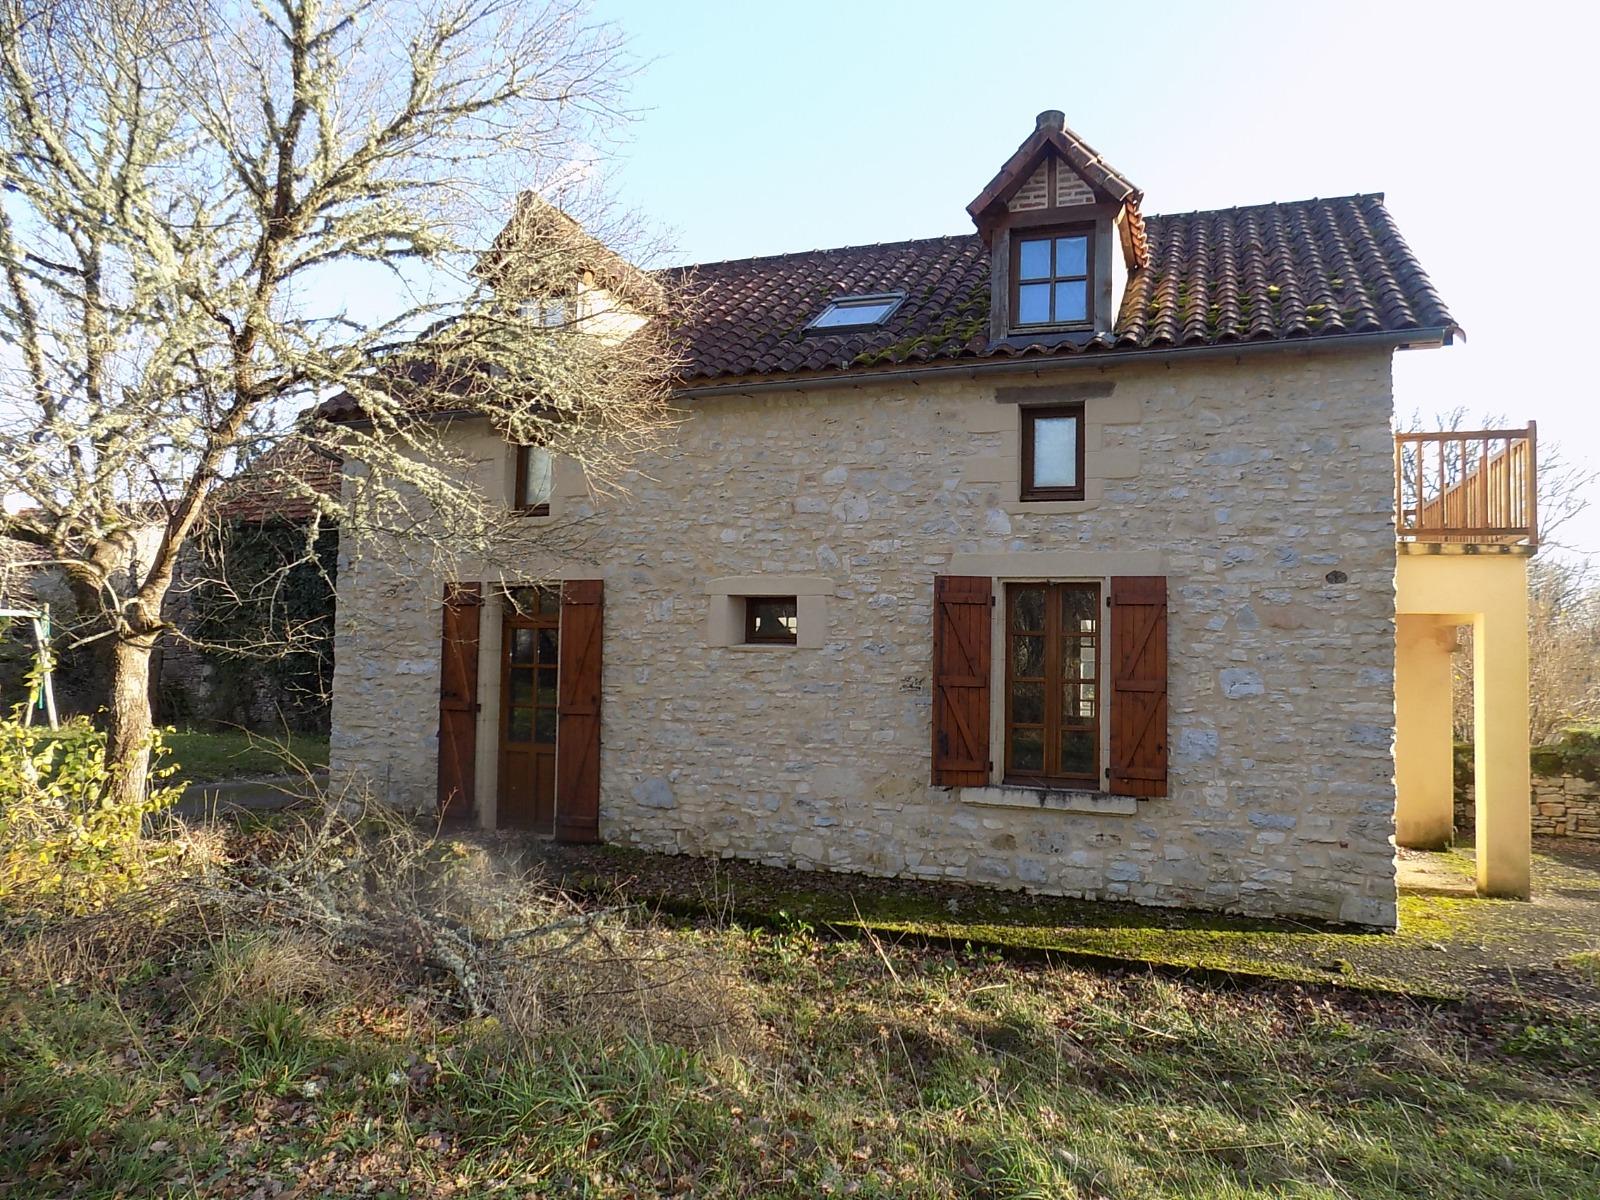 Lot, au calme,  Charmante maison en pierres et petite grange